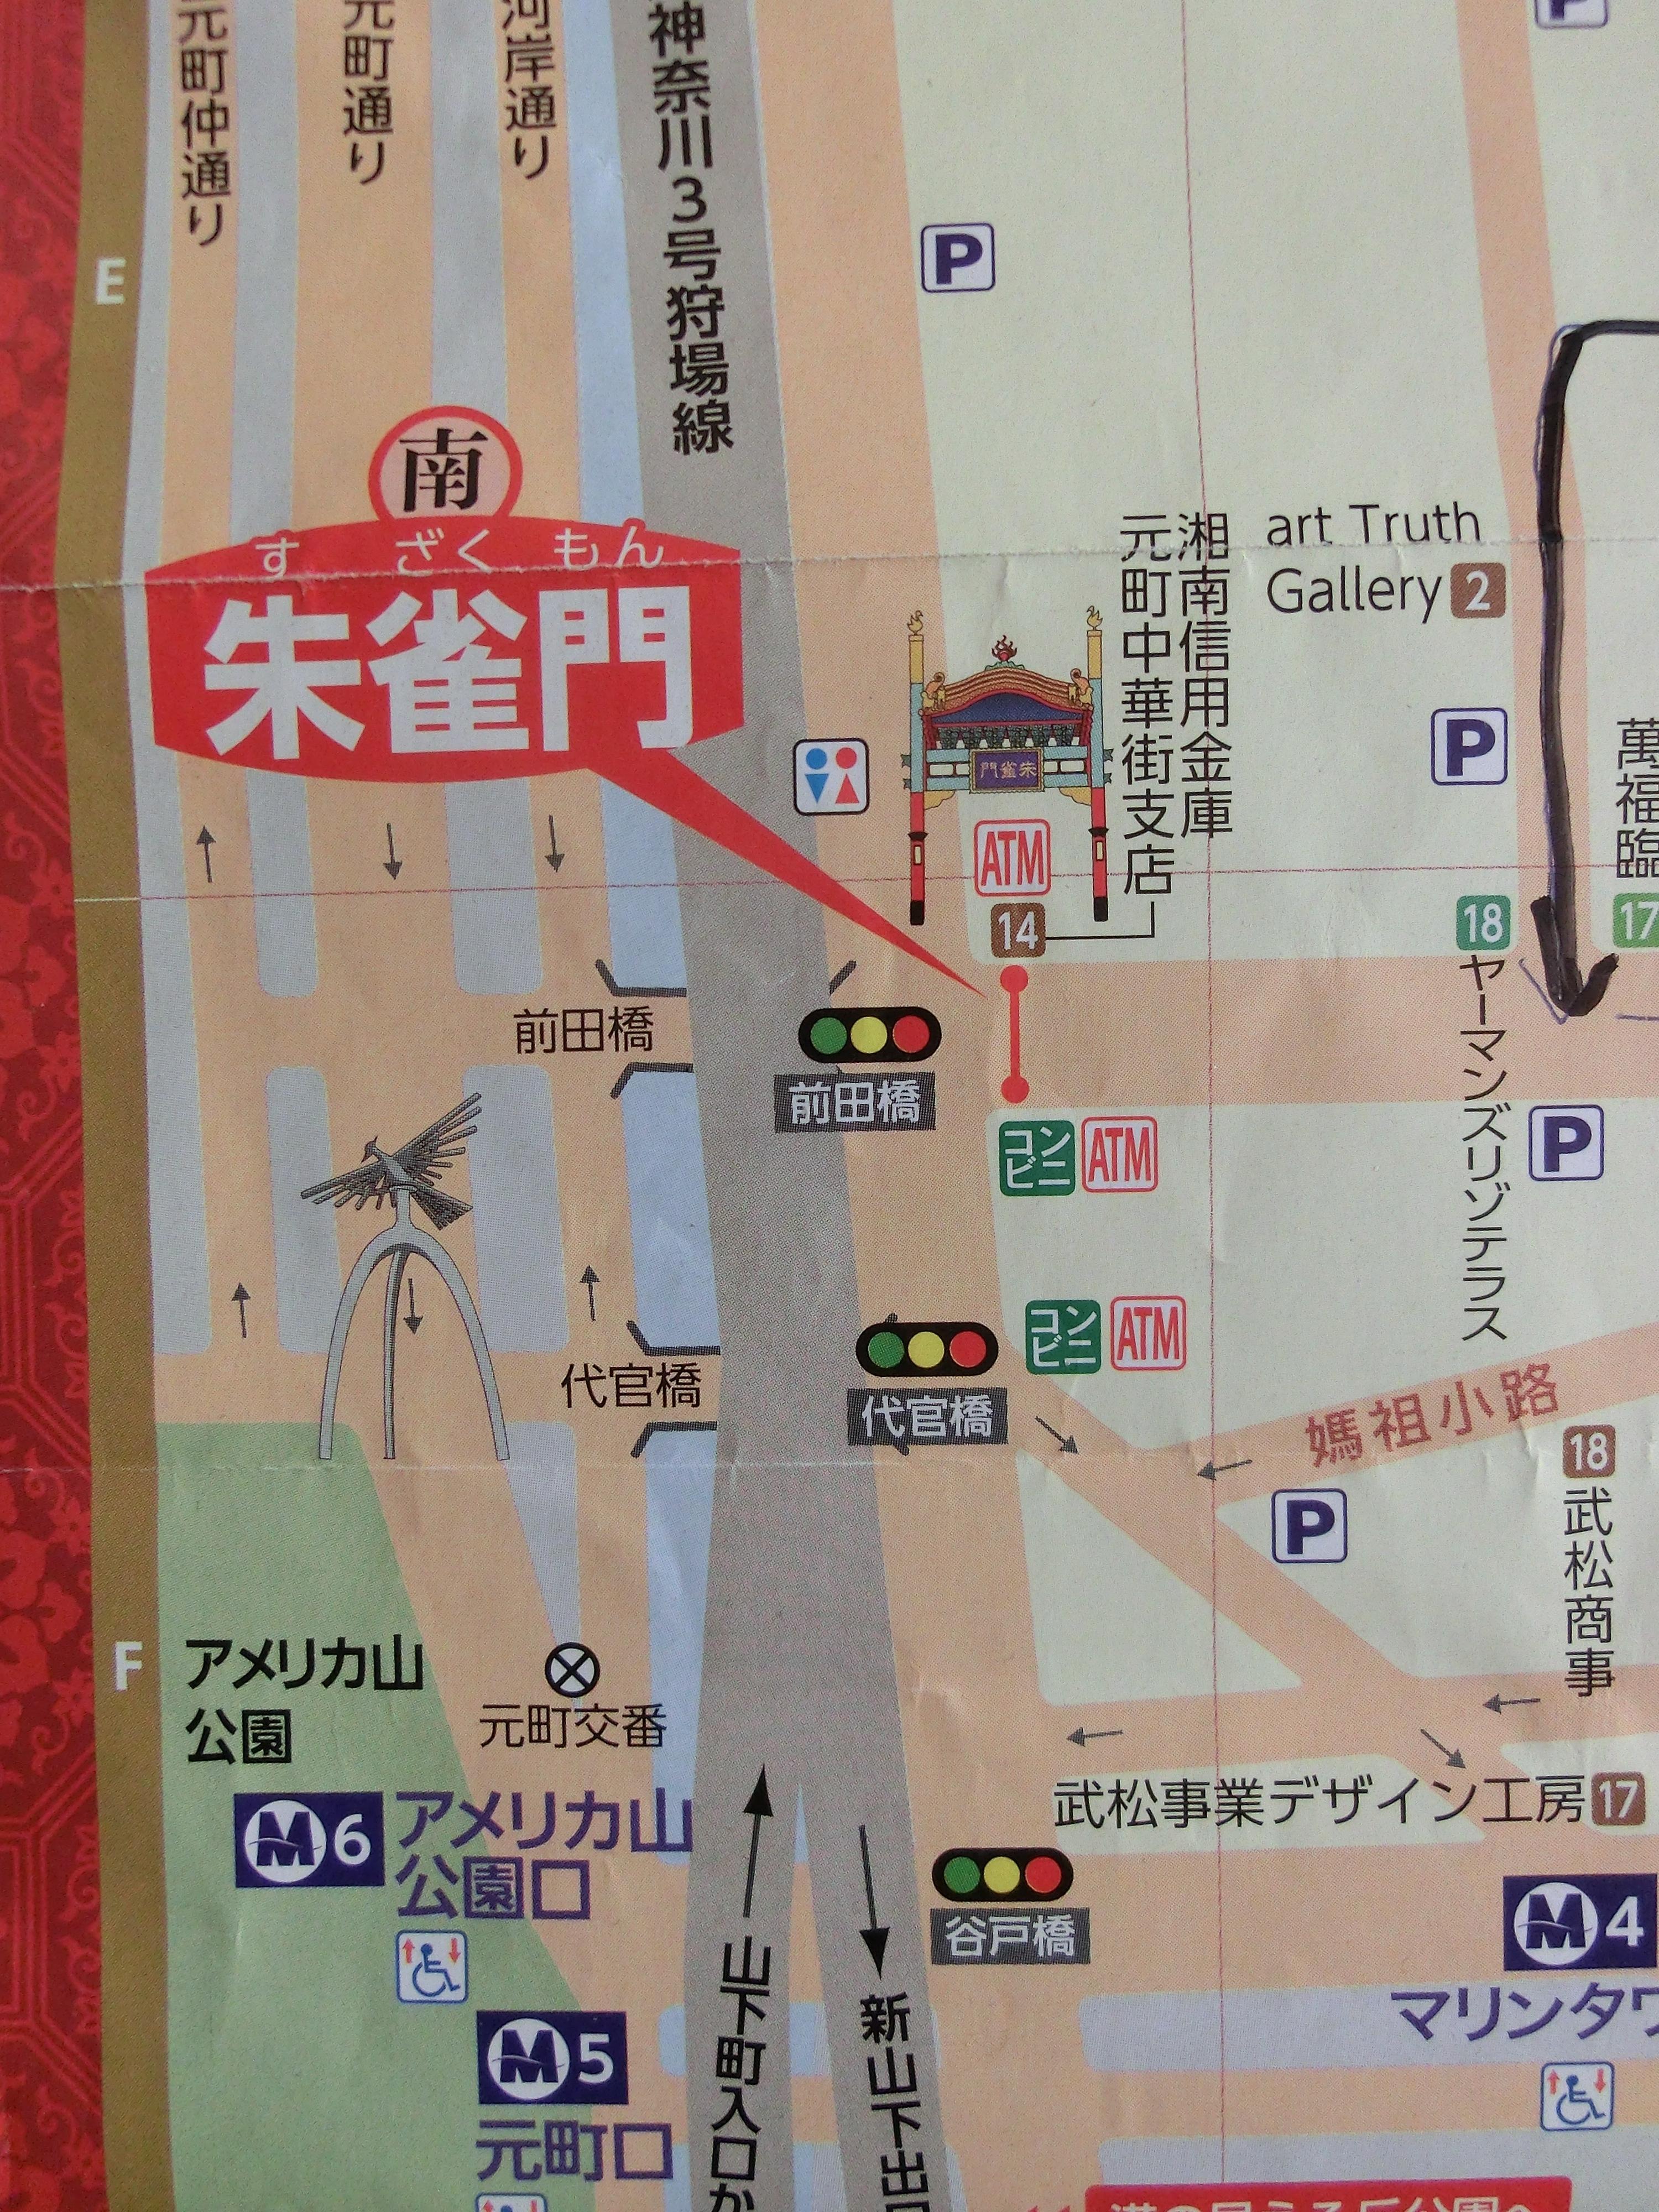 朱雀門地図 横浜中華街記事